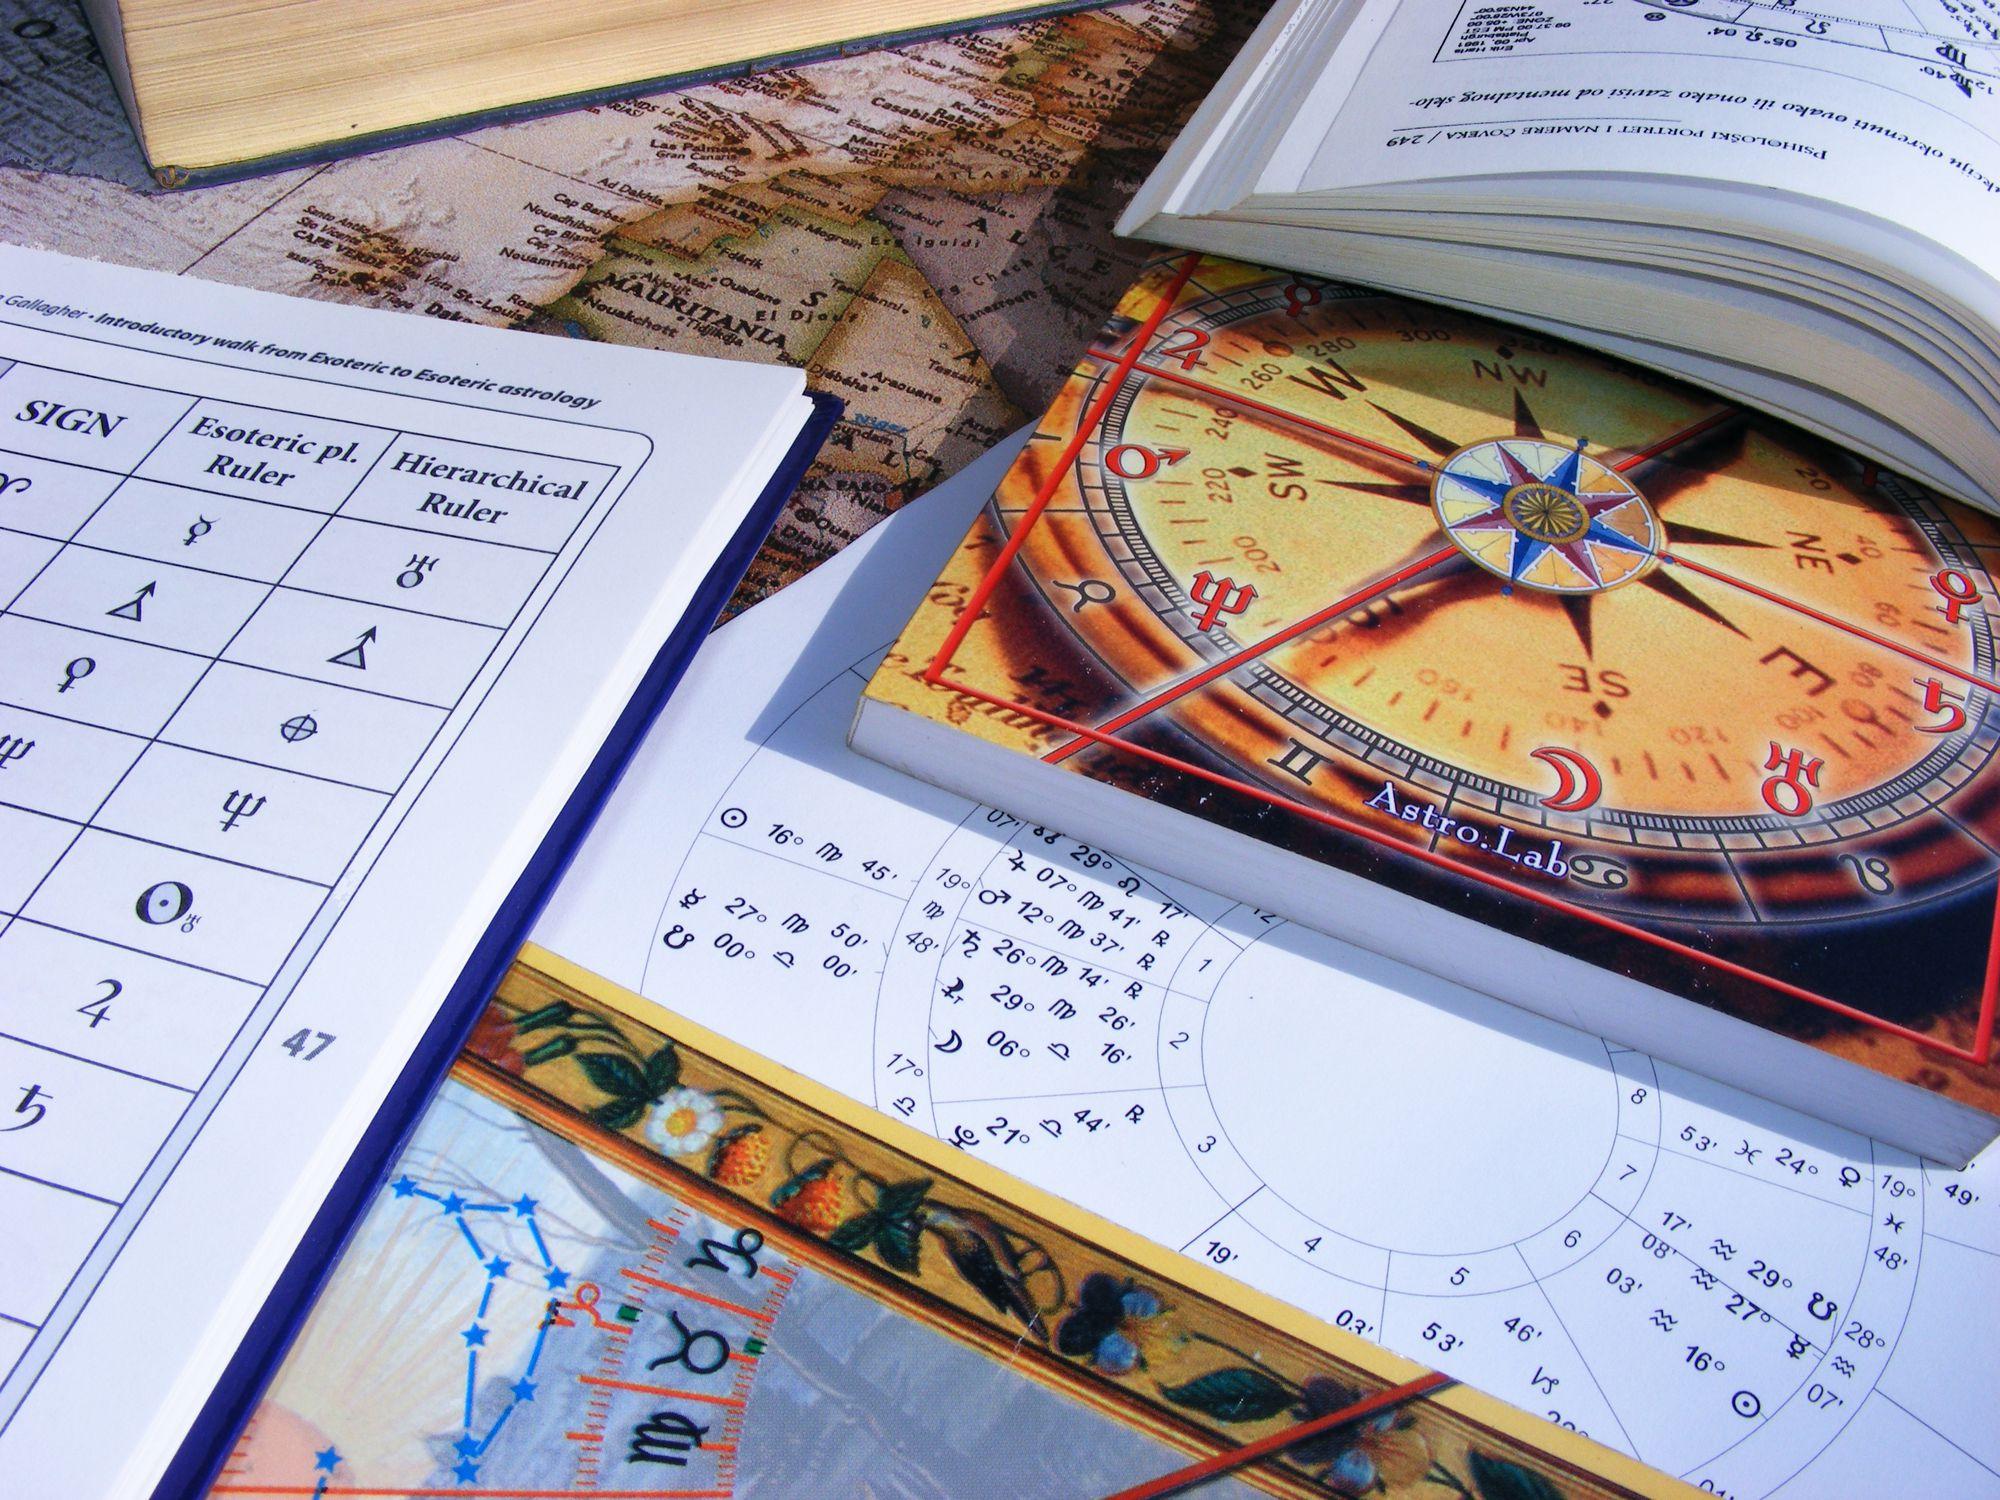 асцендент, асцендент это простыми словами, асцендент как узнать, асцендент как узнать, асцендент таблица, рассчитать асцендент в натальной карте, что такое асцендент в знаке зодиака, что такое асцендент простыми словами, что такое лунный знак зодиака, астрология, знаки зодиака fdlx.com